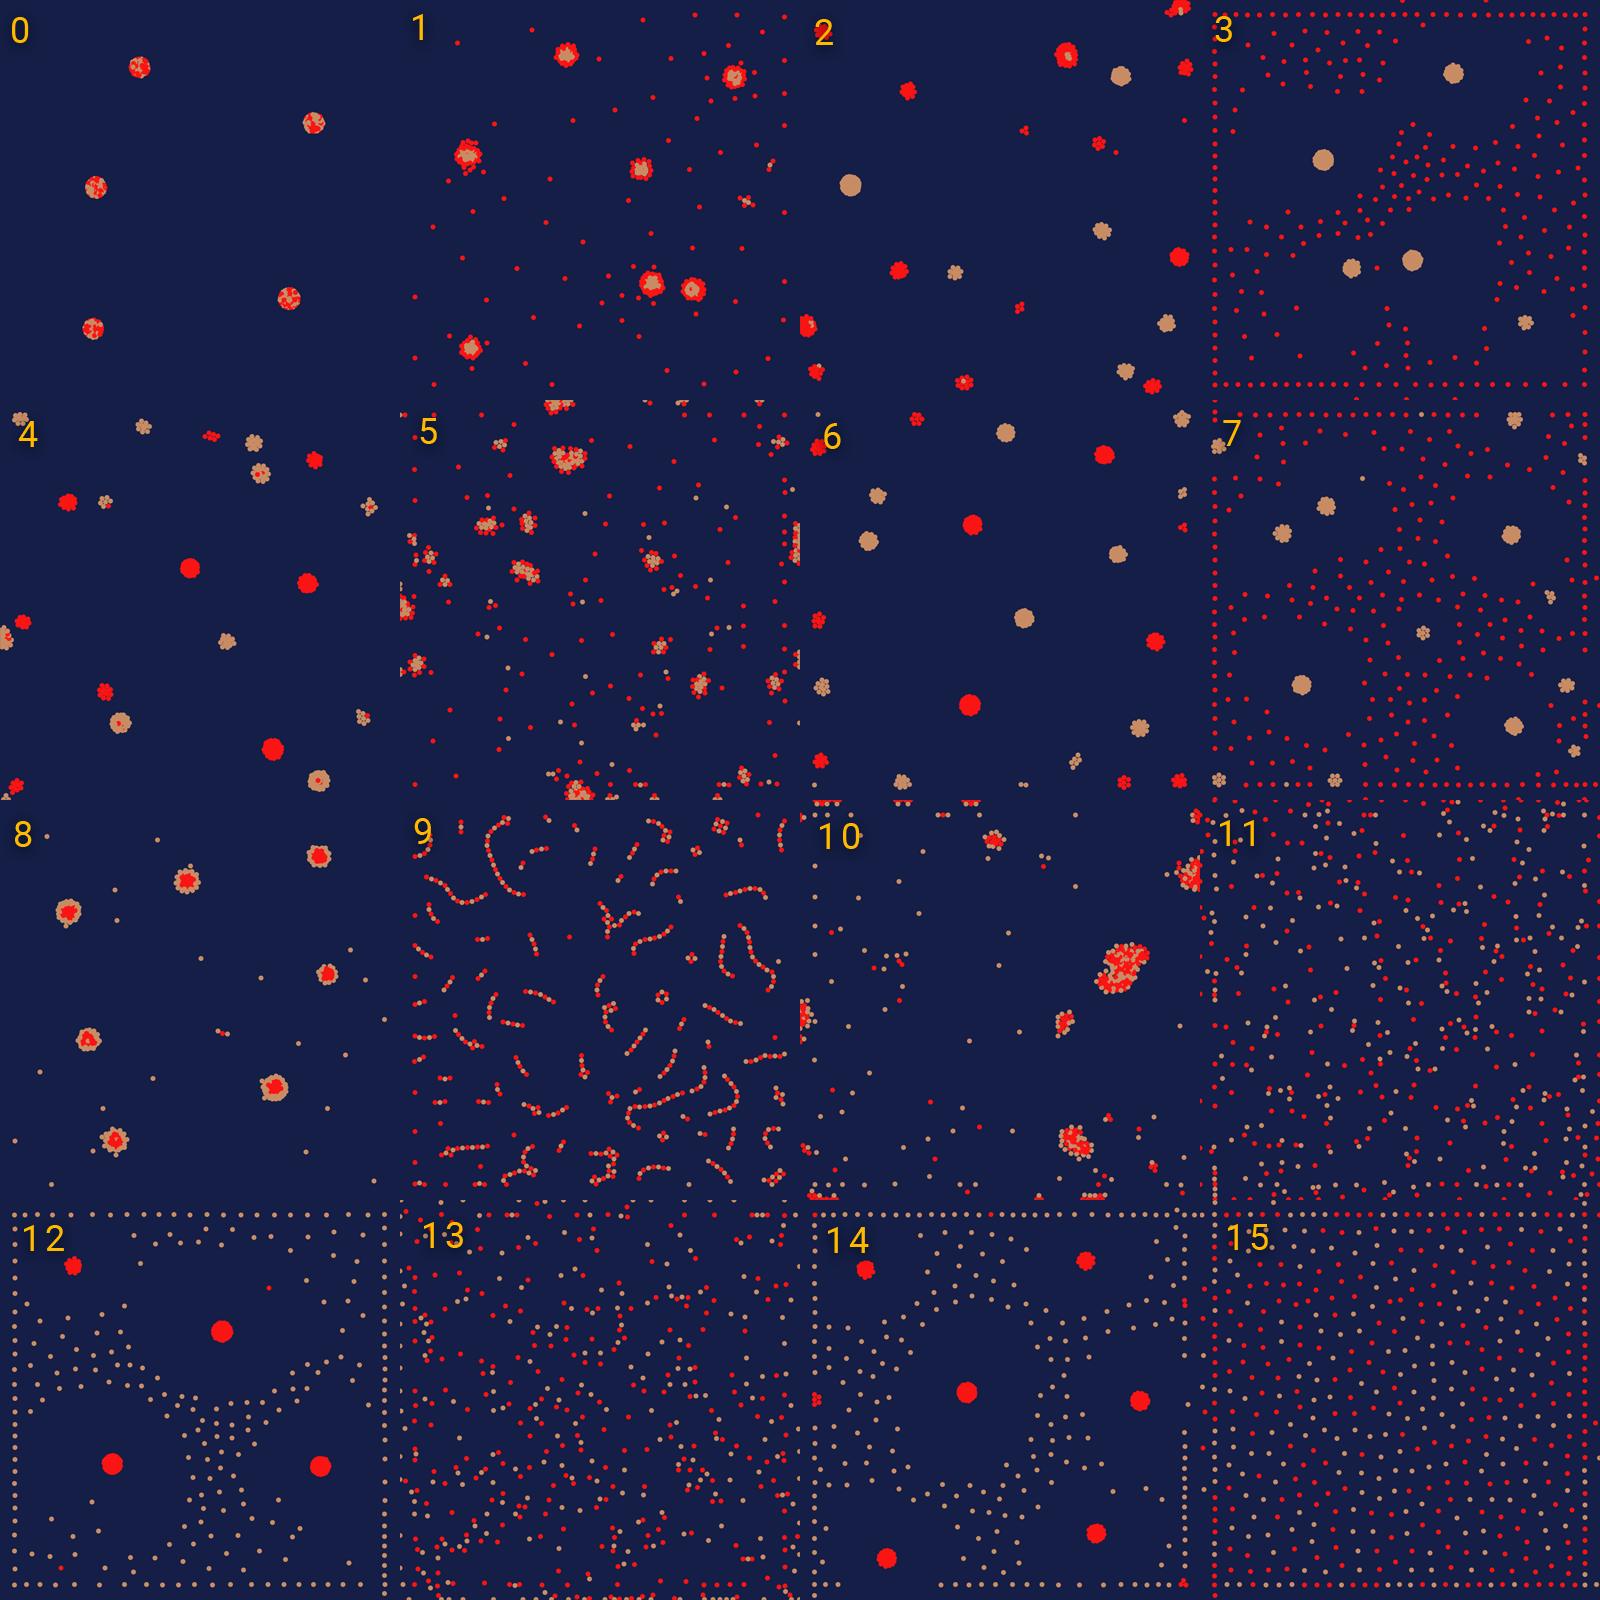 Жизнь на частицах - 5